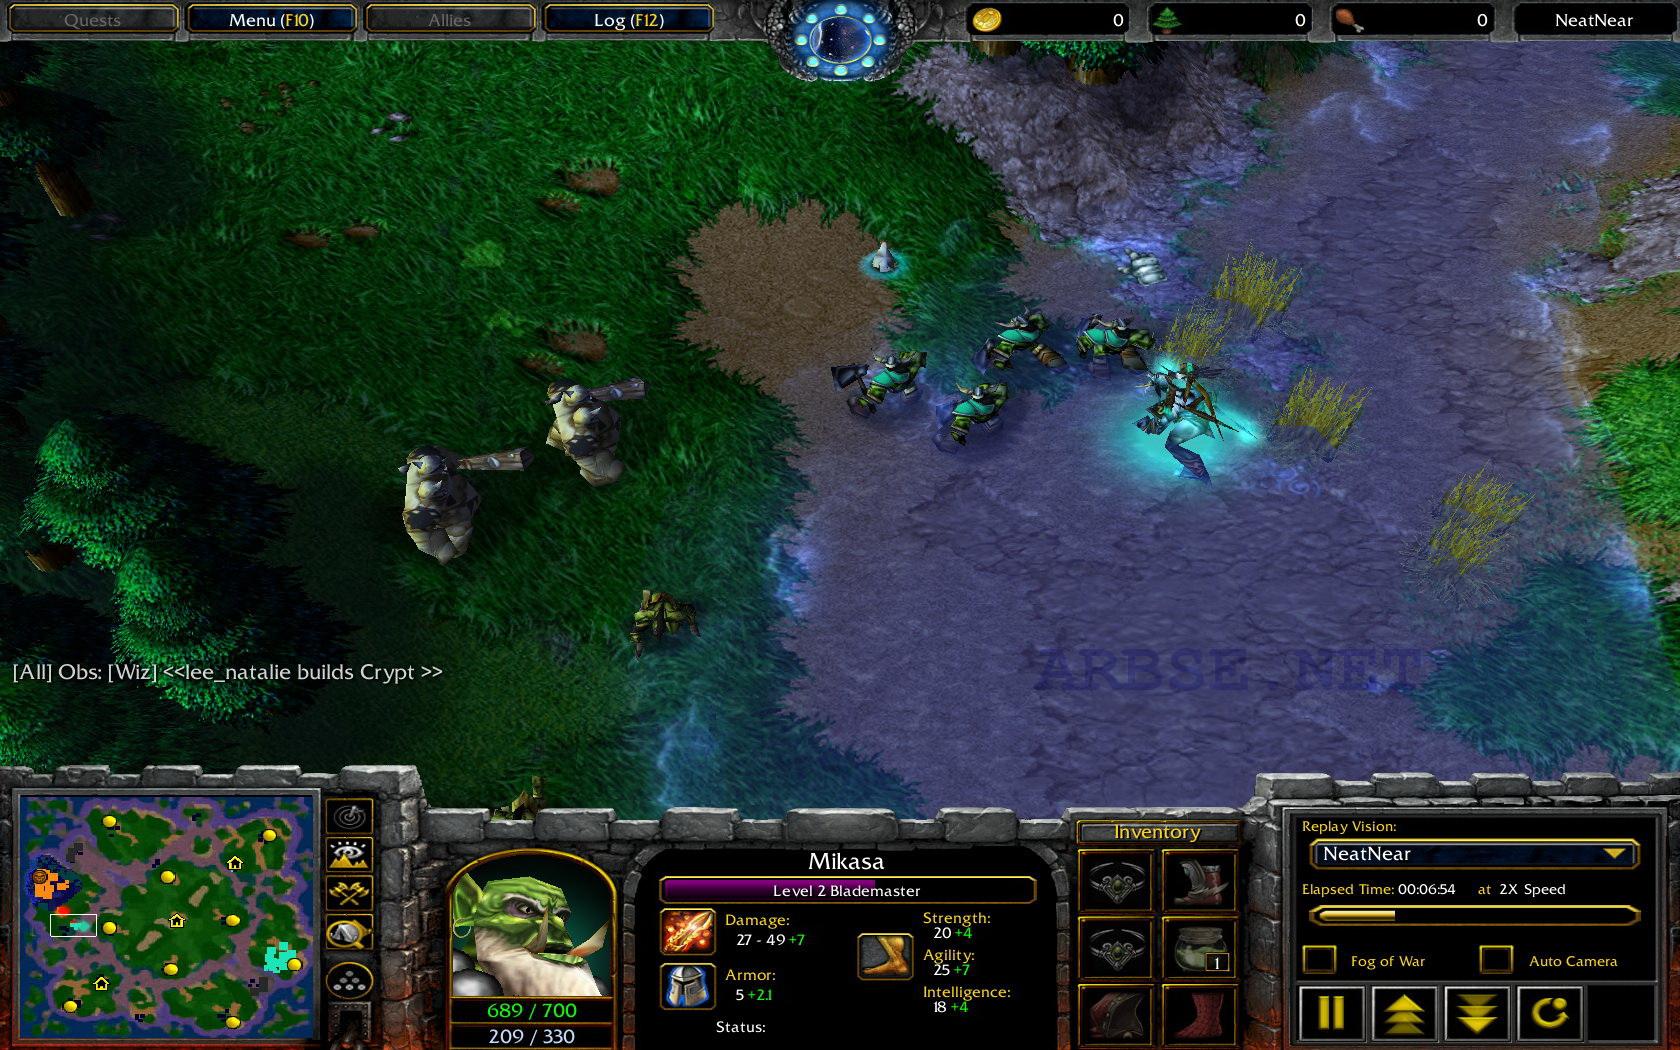 Скачать Warcraft 3 последнюю версию